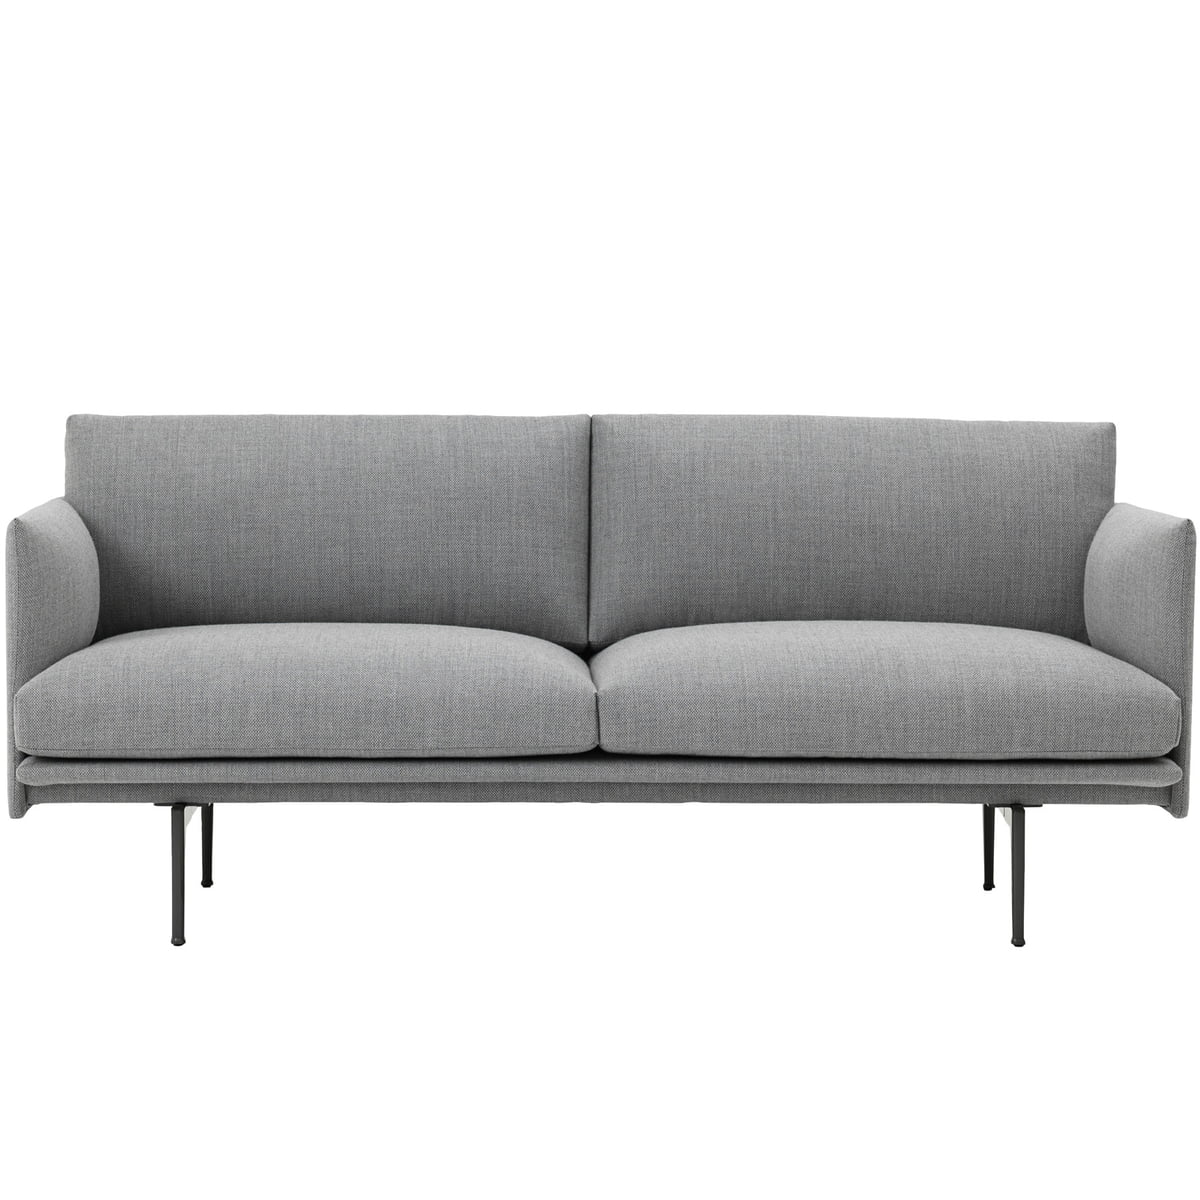 Full Size of Sofa Grau Stoff Big Kaufen Grober Chesterfield Couch Reinigen Gebraucht Ikea Meliert Outline 2 Sitzer Von Muuto Connoshop Weiß Wk Kunstleder Mit Sofa Sofa Grau Stoff